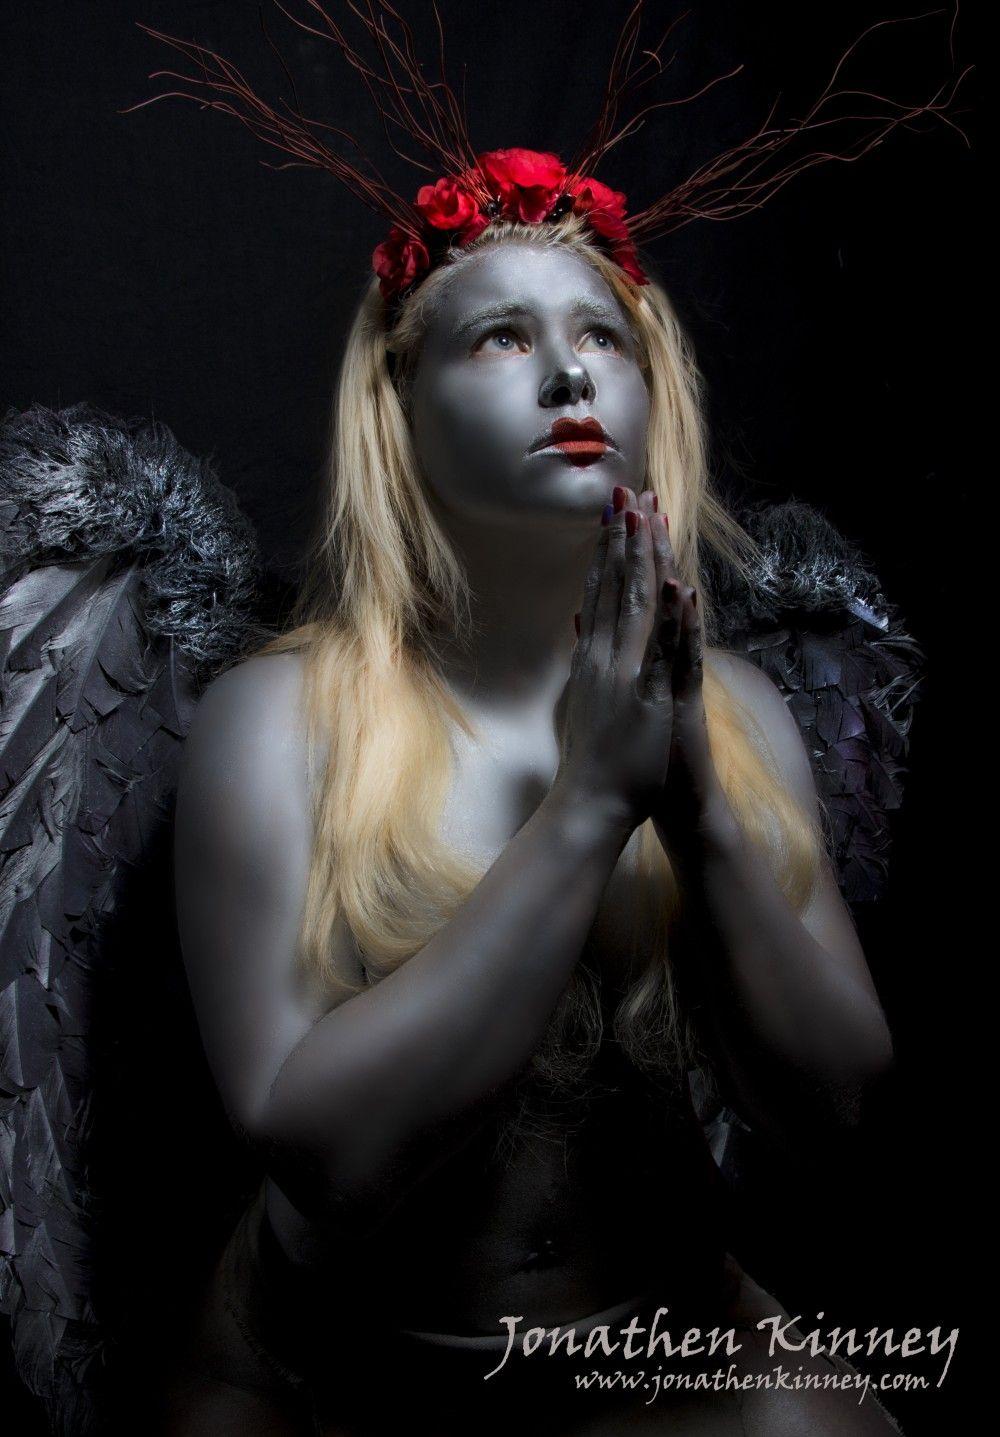 Body art and photography jonathen kinney model harmoni marii jonathenkinney com